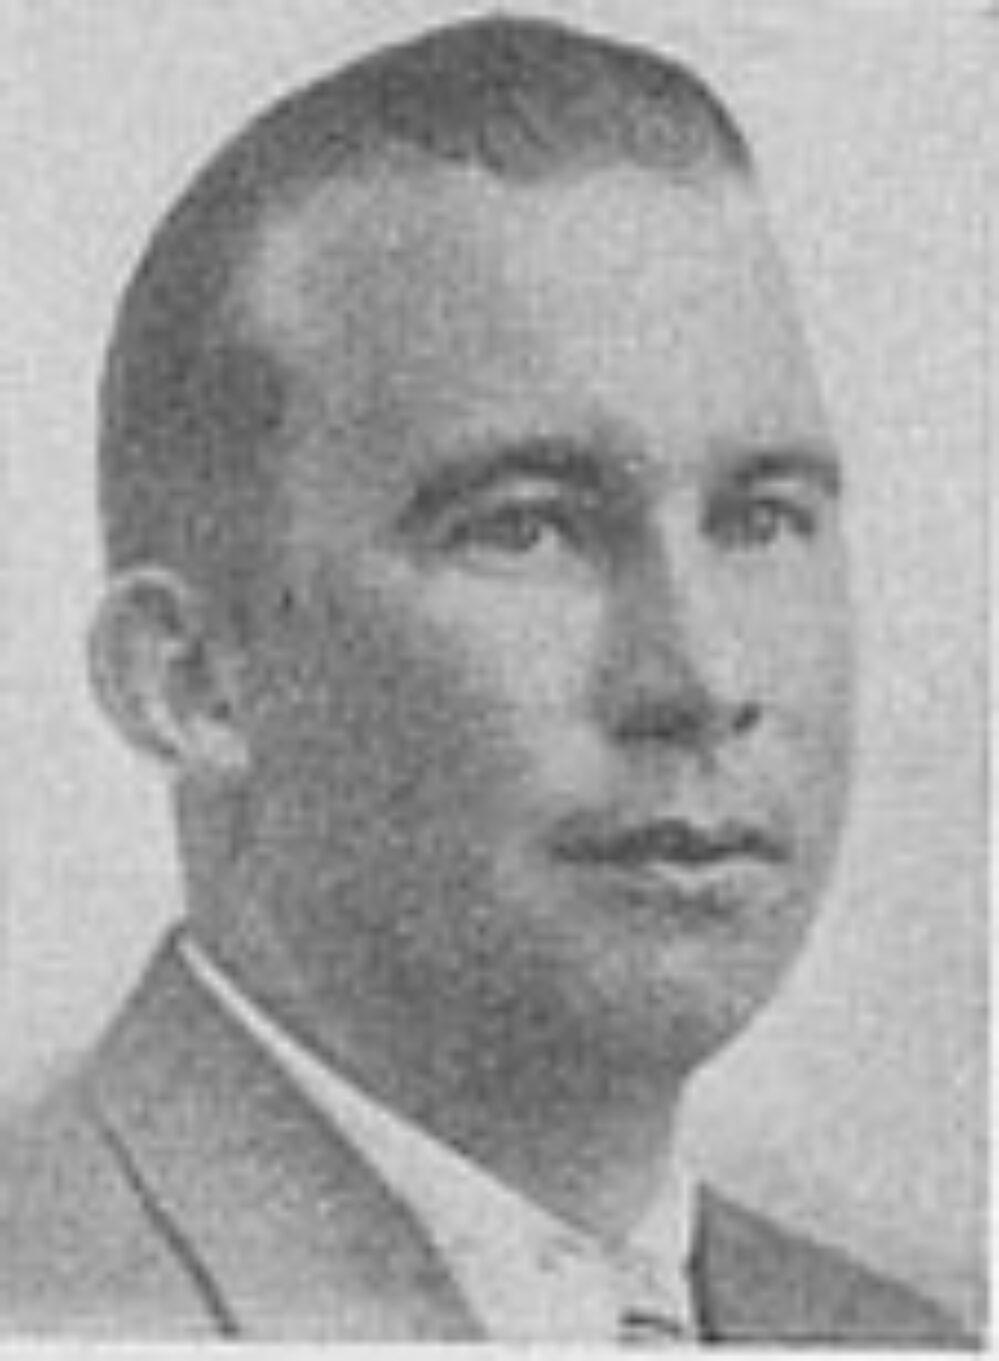 Walter August Andrén